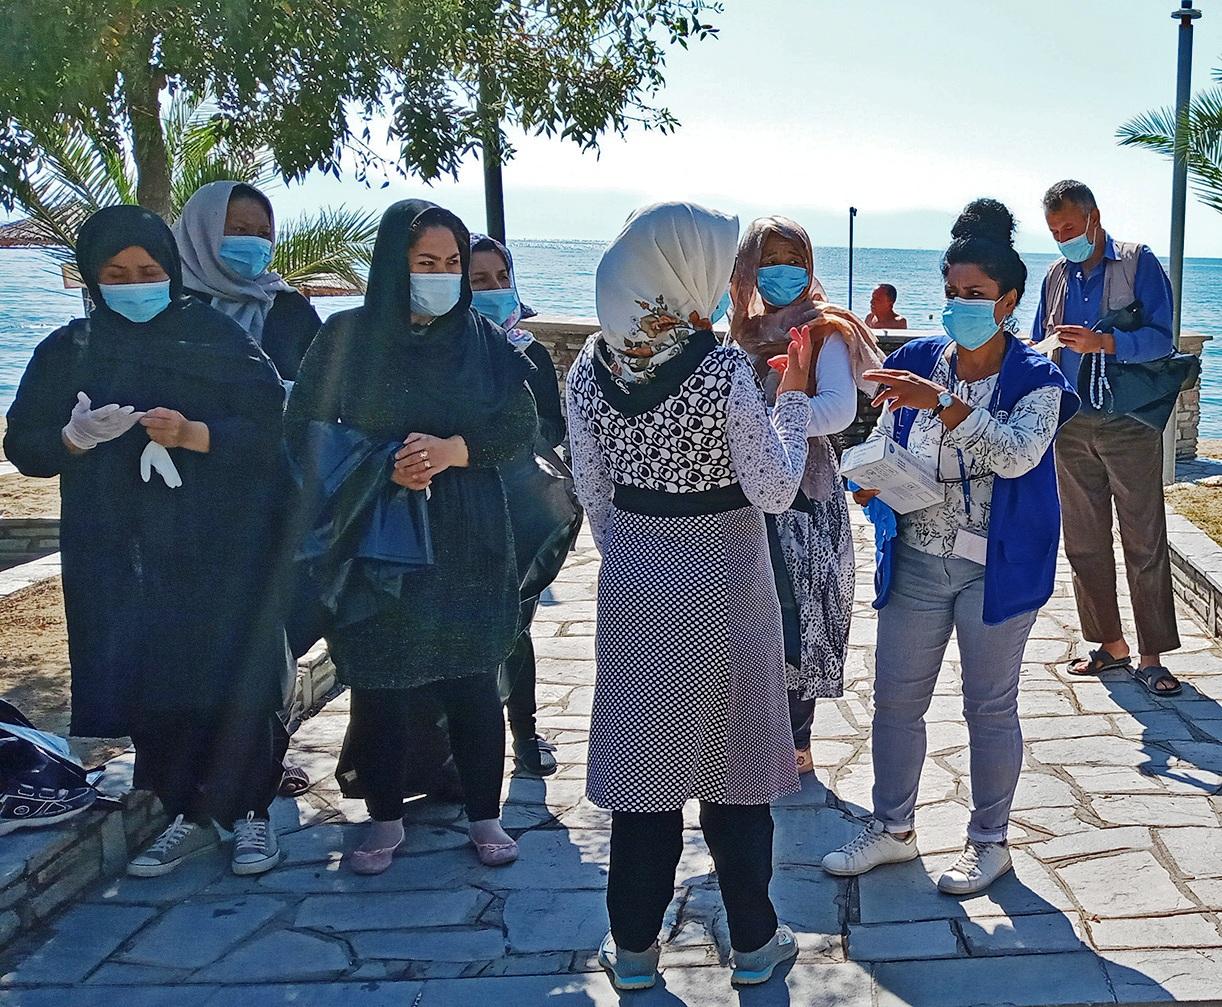 Με μάσκες και γάντια λόγω της πανδημίας του κορωνοϊού